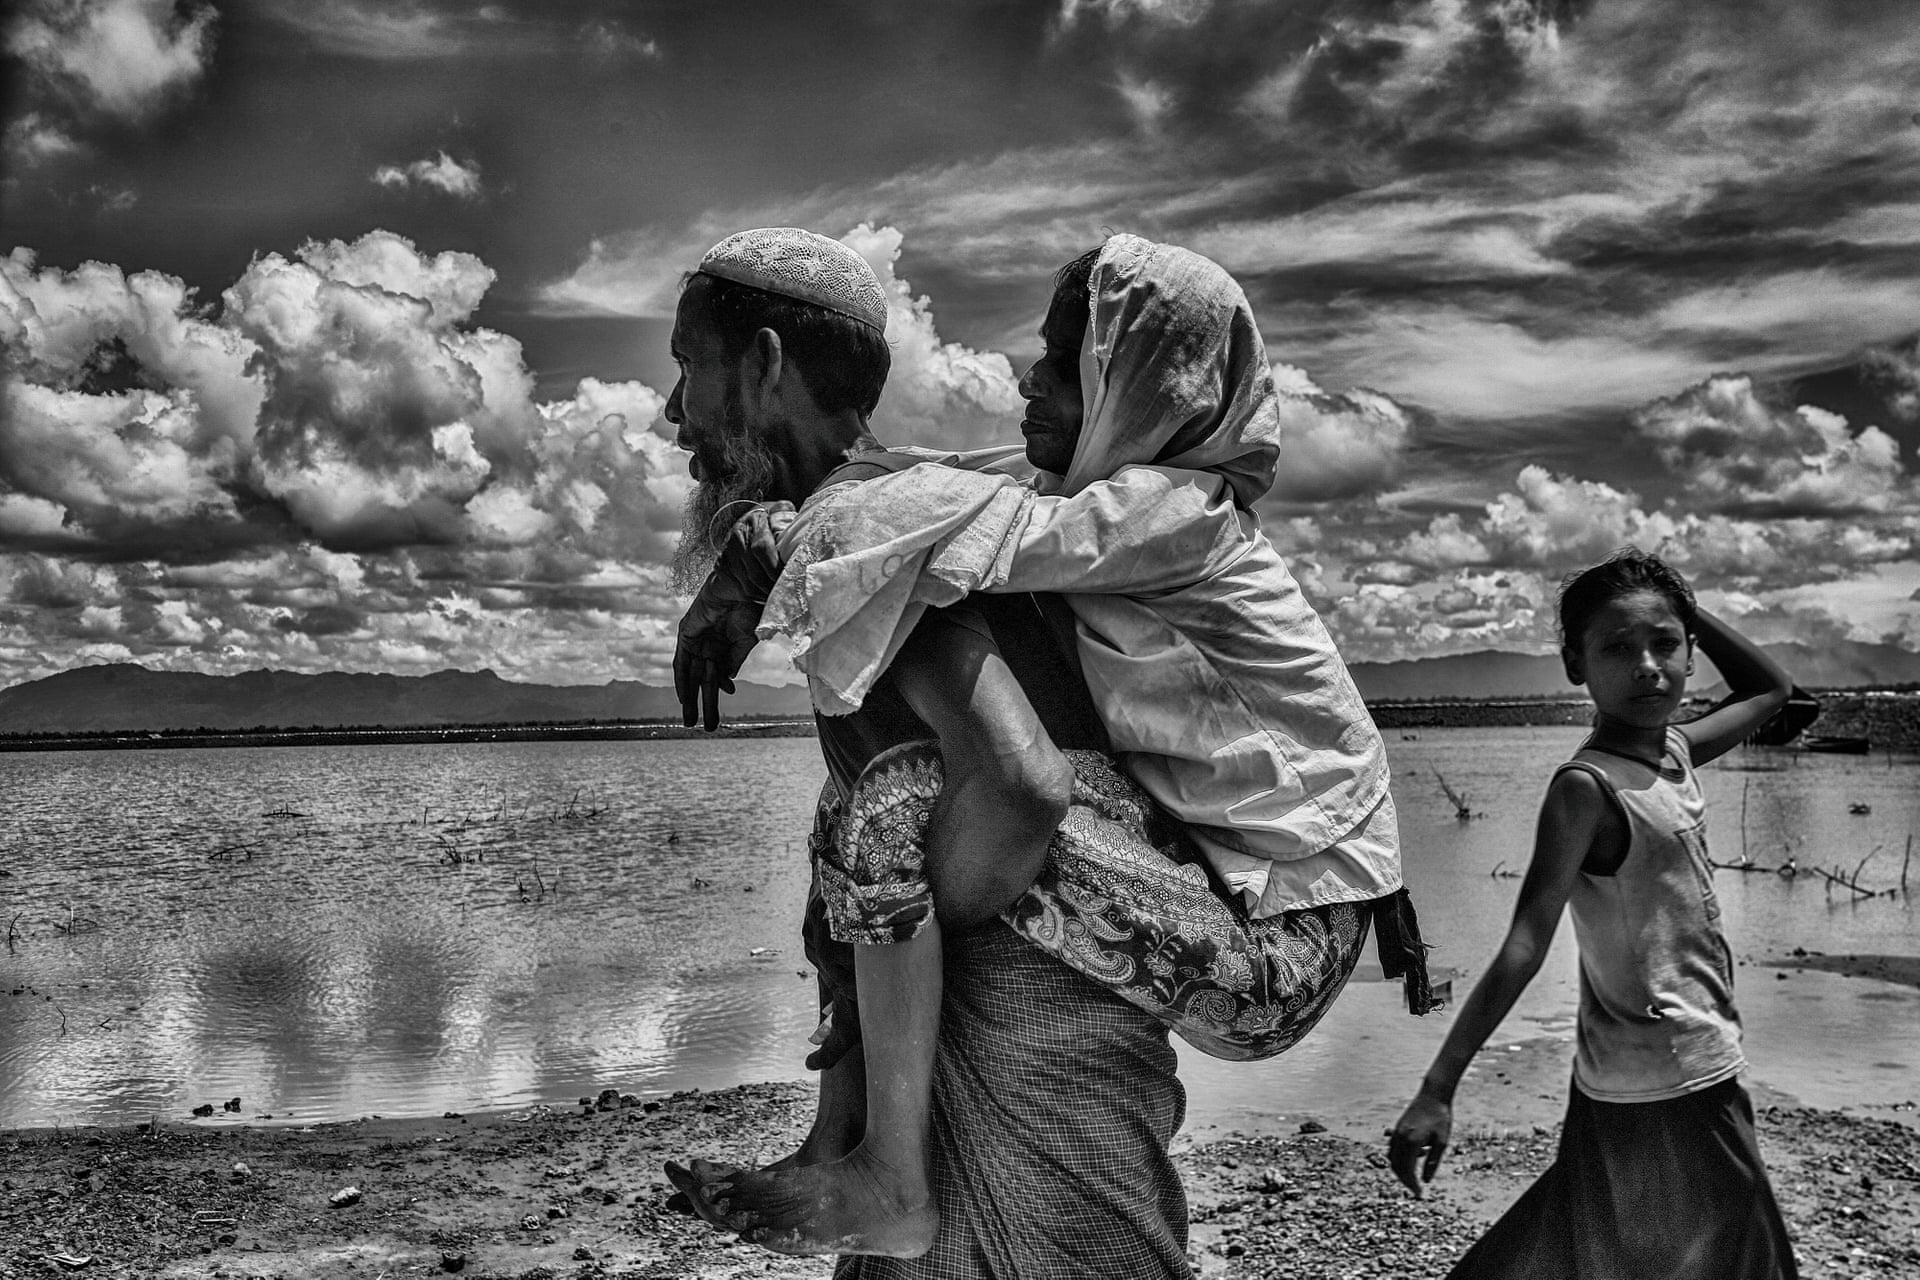 Ο 65χρονος Ροχίνγκια Αχμέντ κουβαλάει στην πλάτη του την μητέρα του Φατίμα 95 ετών προς το Μπανγκλαντές, αφού έχουν εγκαταλείψει τη Μιανμάρ. «Πολλοί από αυτούς που διαφεύγουν είναι αγρότες που είχαν μία απλή ζωή και ήθελαν να ζήσουν ειρηνικά με τους δικούς τους όρους, με σεβασμό, αξιοπρέπεια και με τη δική τους ταυτότητα. Ο καθένας έχει το δικαίωμα να ζει και να ακολουθεί τα πιστεύω του και τη θρησκεία του» λέει ο φωτογράφος